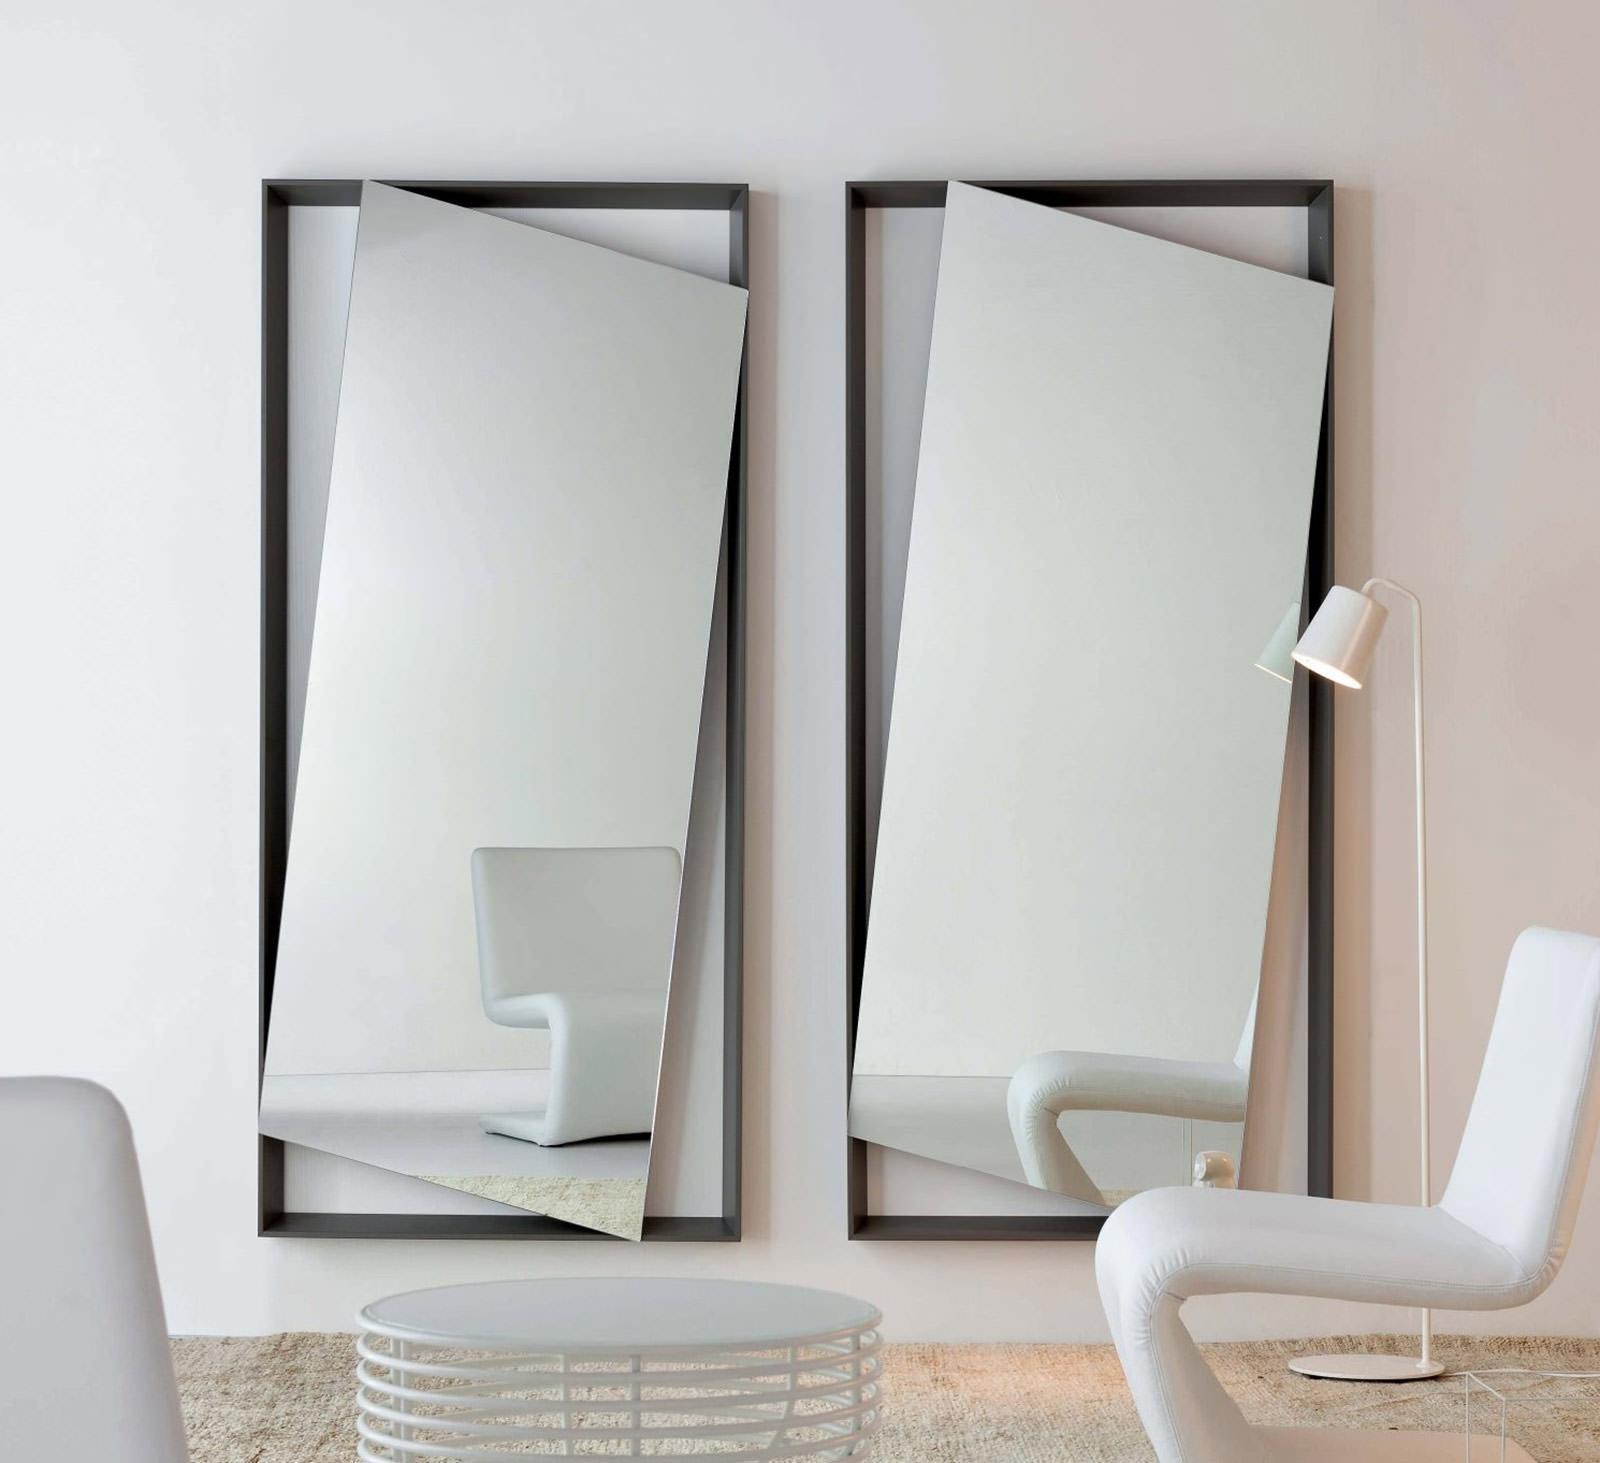 Nuova vetreria manzanese - Specchi particolari per camera da letto ...